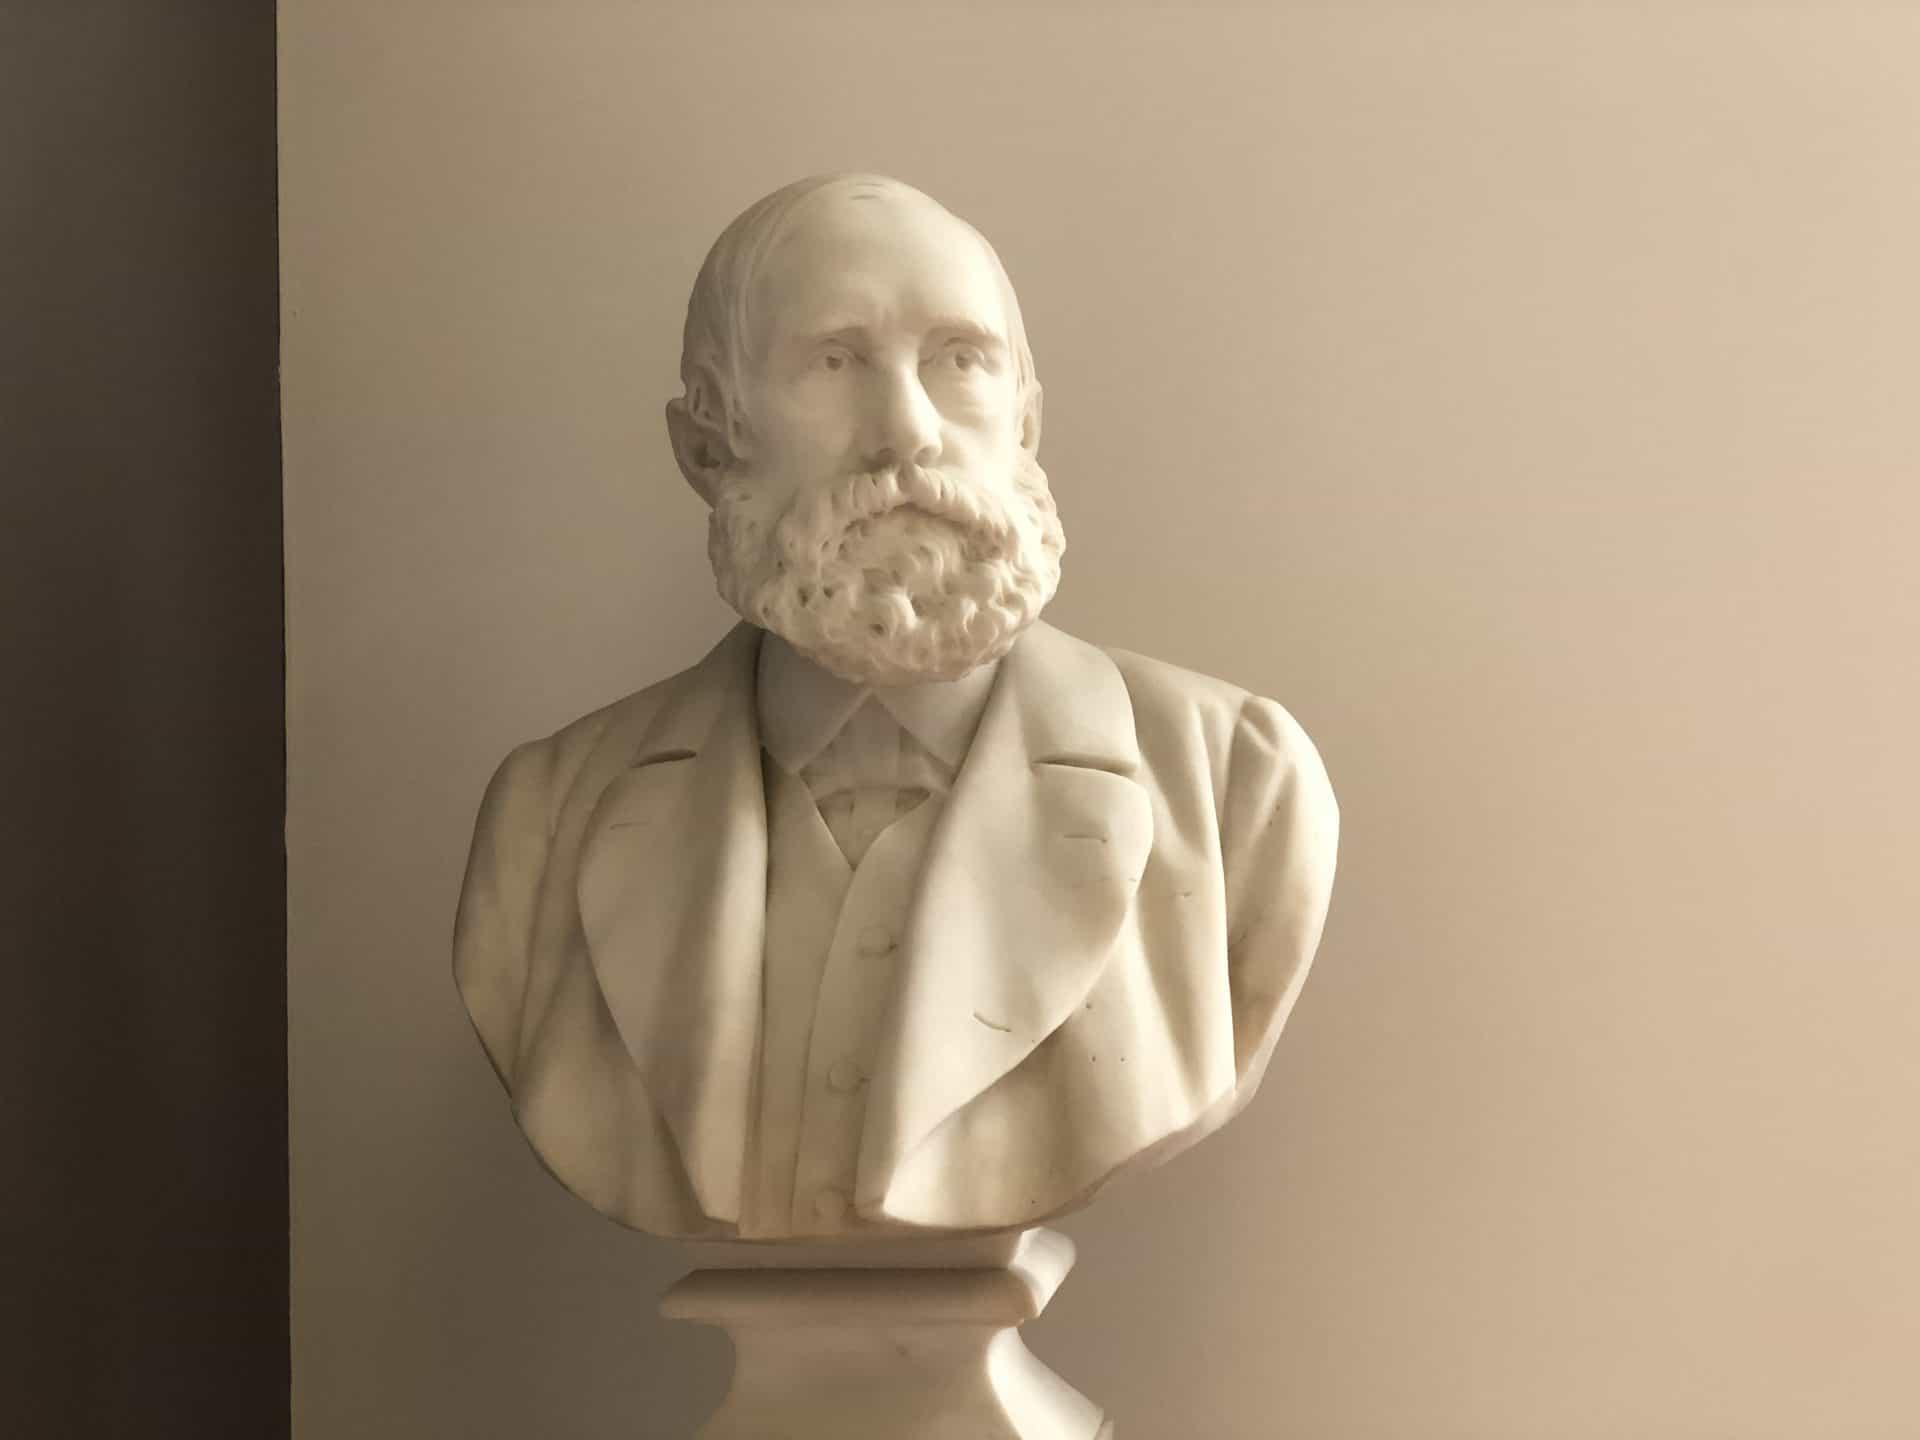 Johannes Rauschenbach IWC Schaffhausen